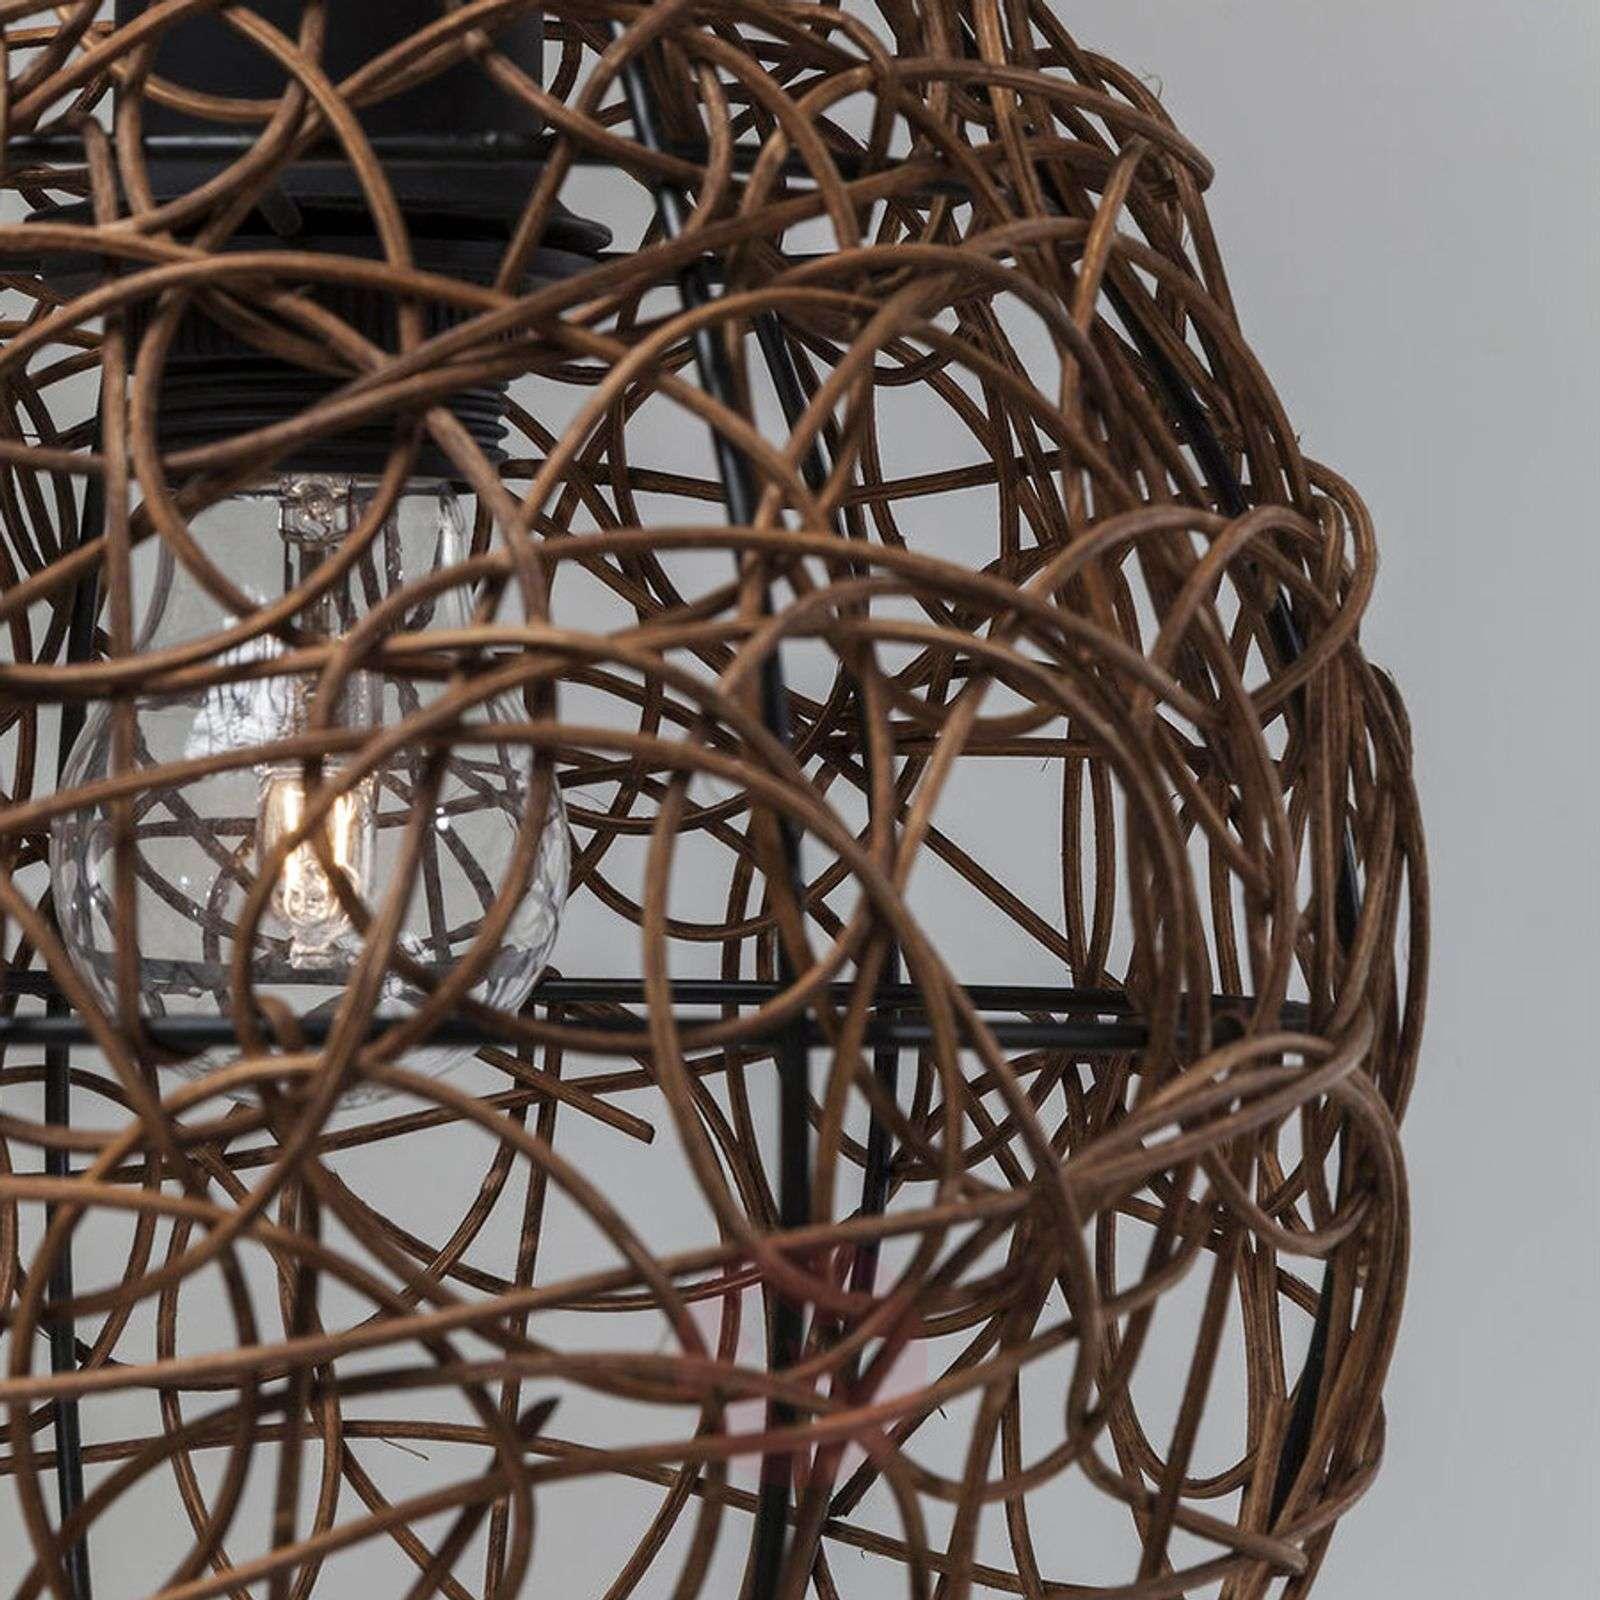 KARE Parecchi Art House linear pendant light-5517423-02